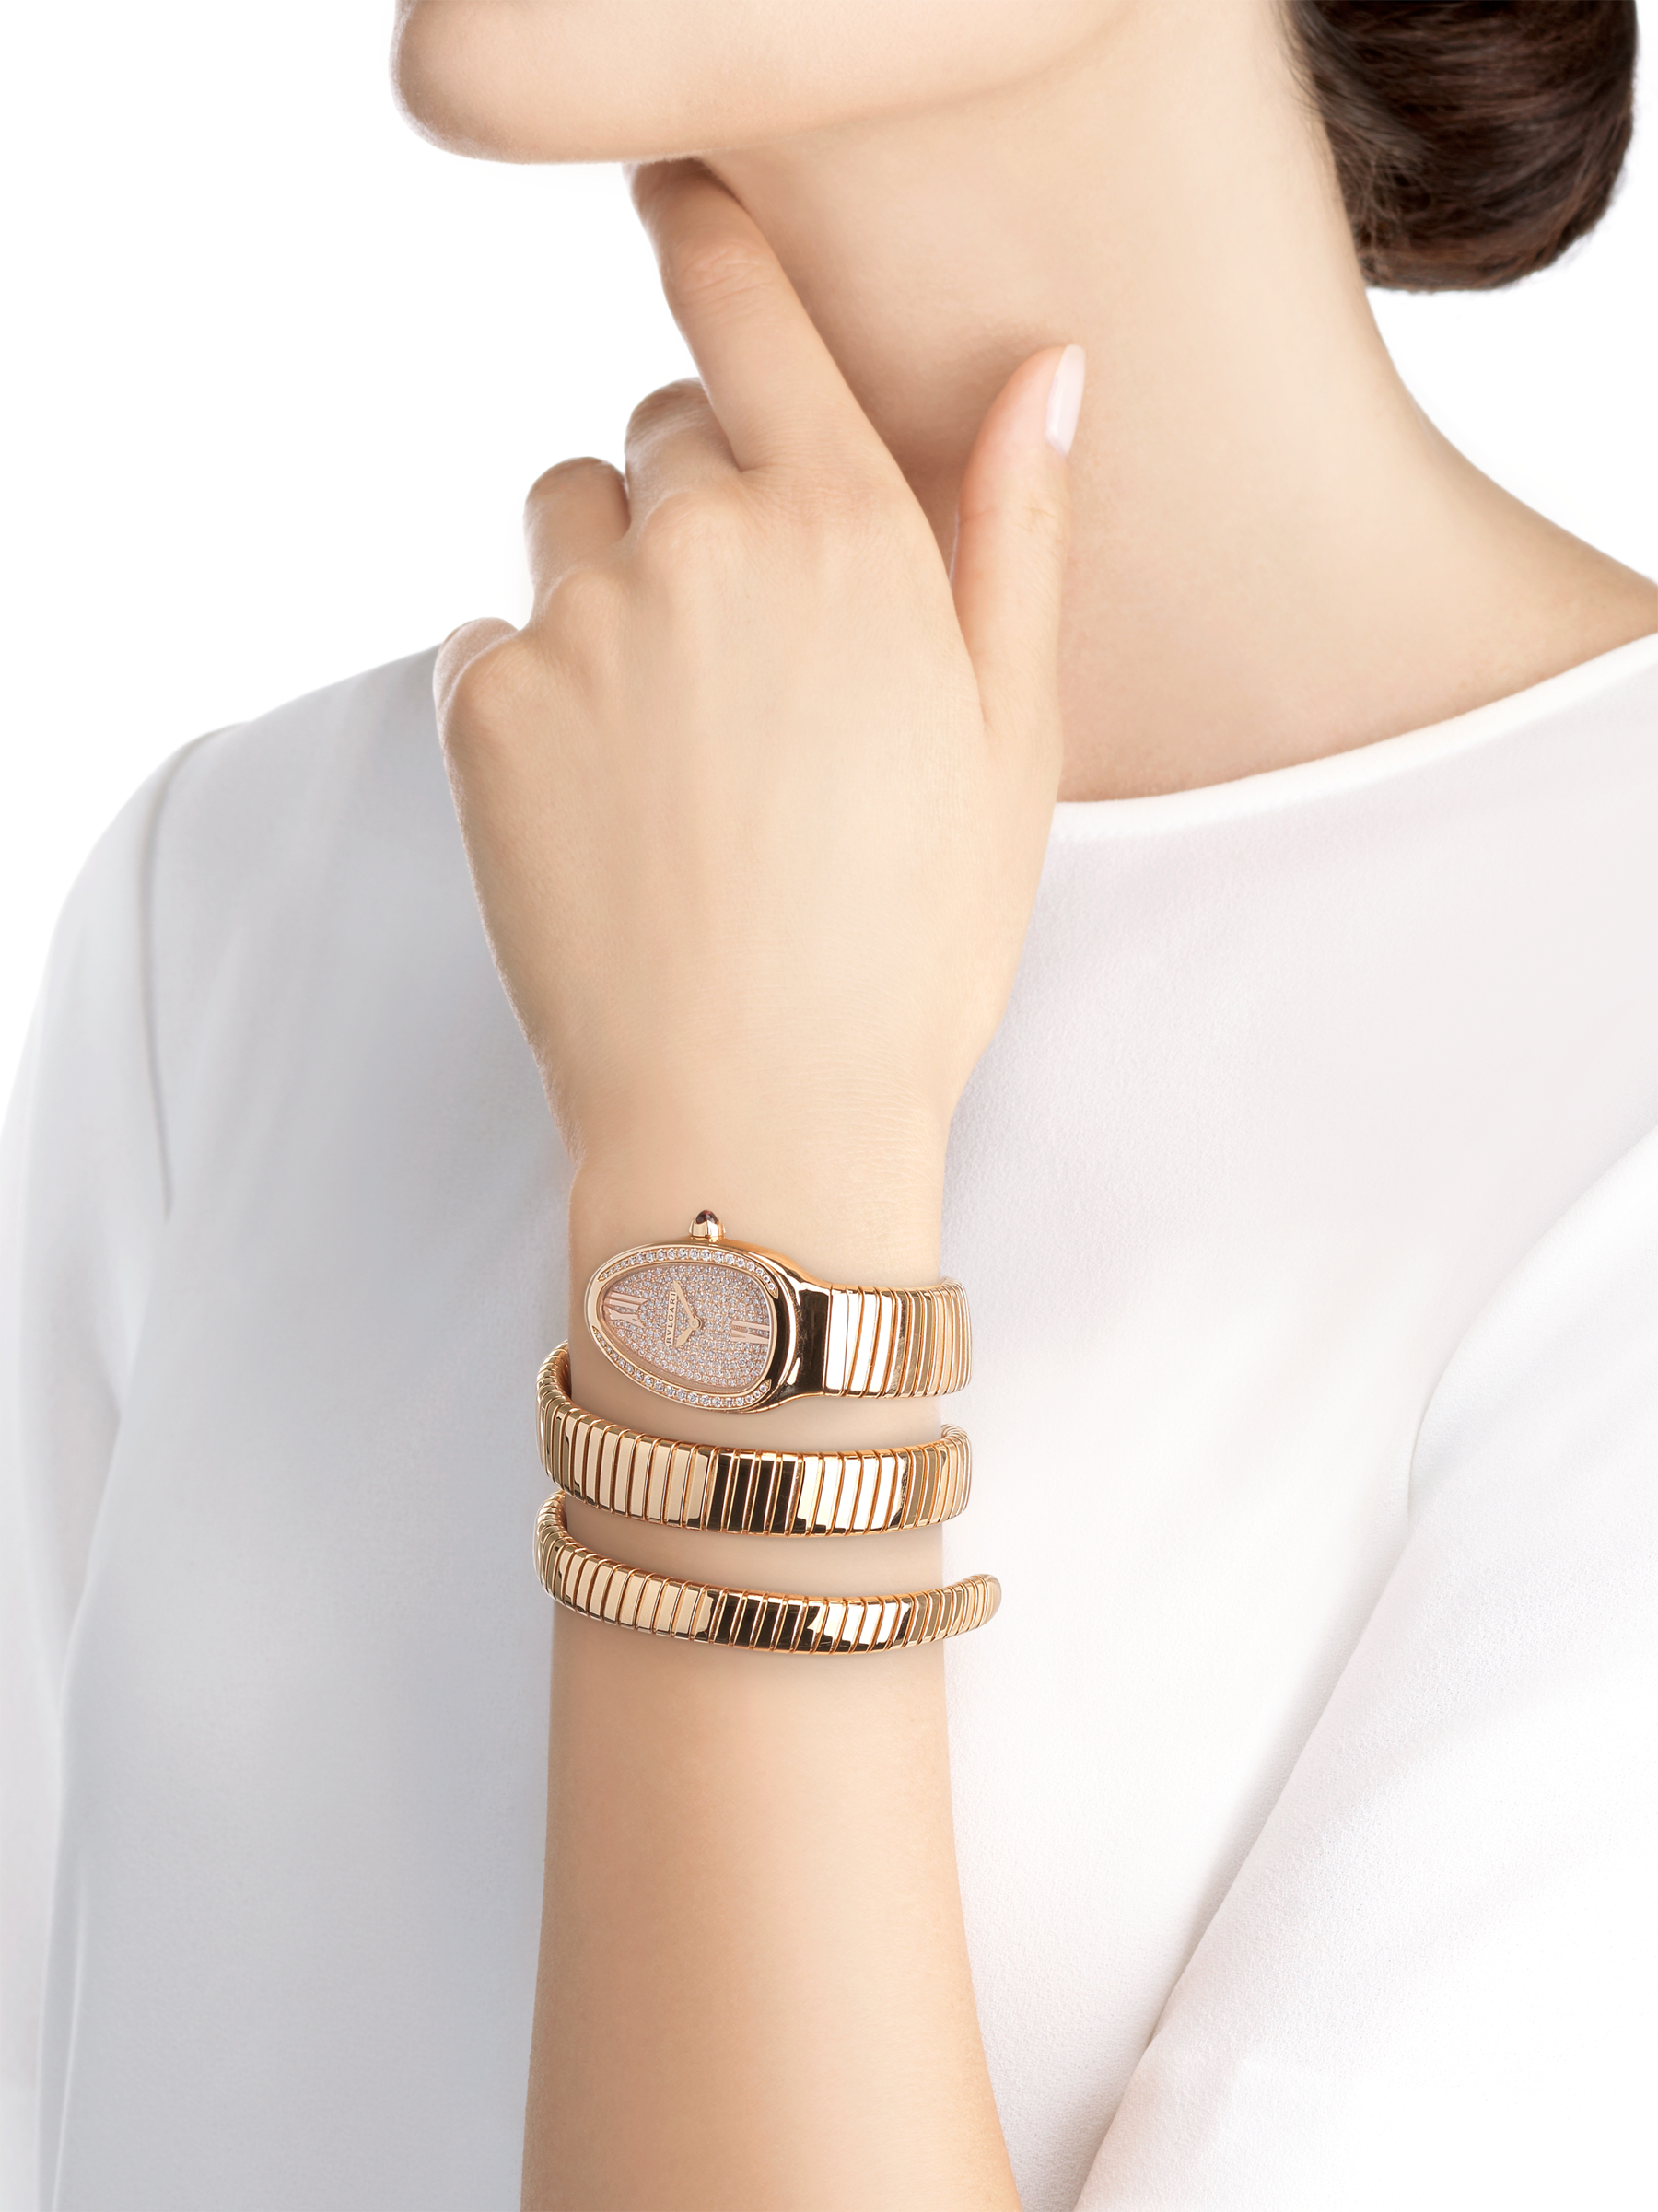 Reloj Serpenti Tubogas de dos vueltas con caja en oro rosa de 18qt con diamantes talla brillante engastados, esfera en oro rosa de 18qt con engaste integral de diamantes talla brillante y brazalete en oro rosa de 18qt. 101956 image 4